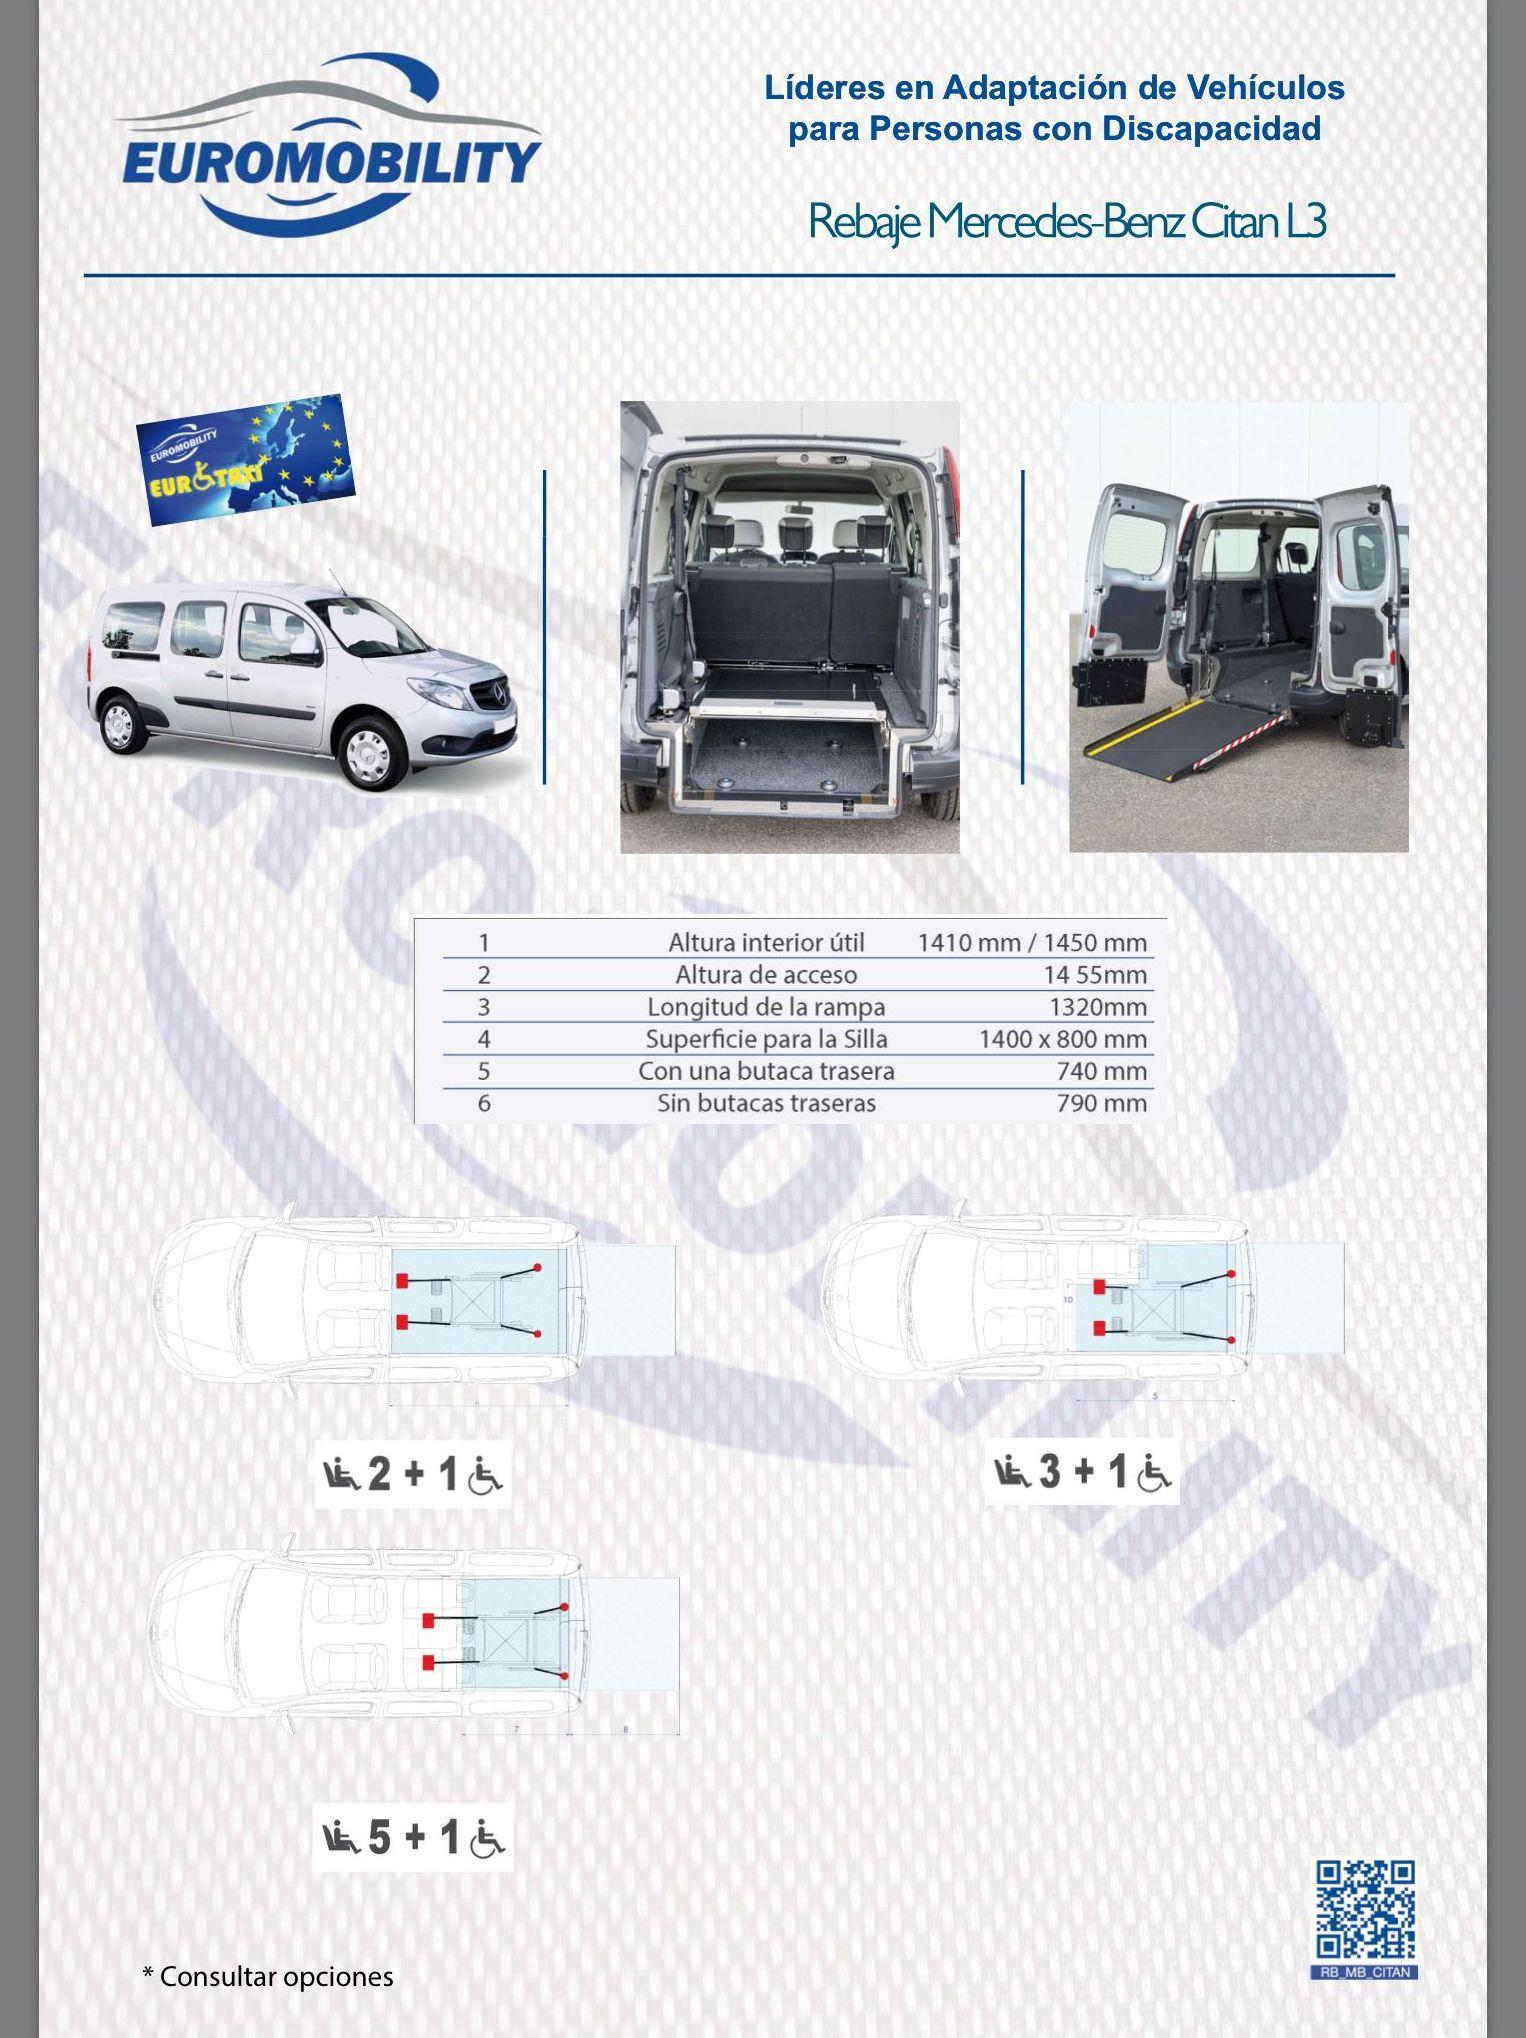 Rebaje de piso / Cajeado Mercedes Citan. Adaptación de vehiculos Gijon